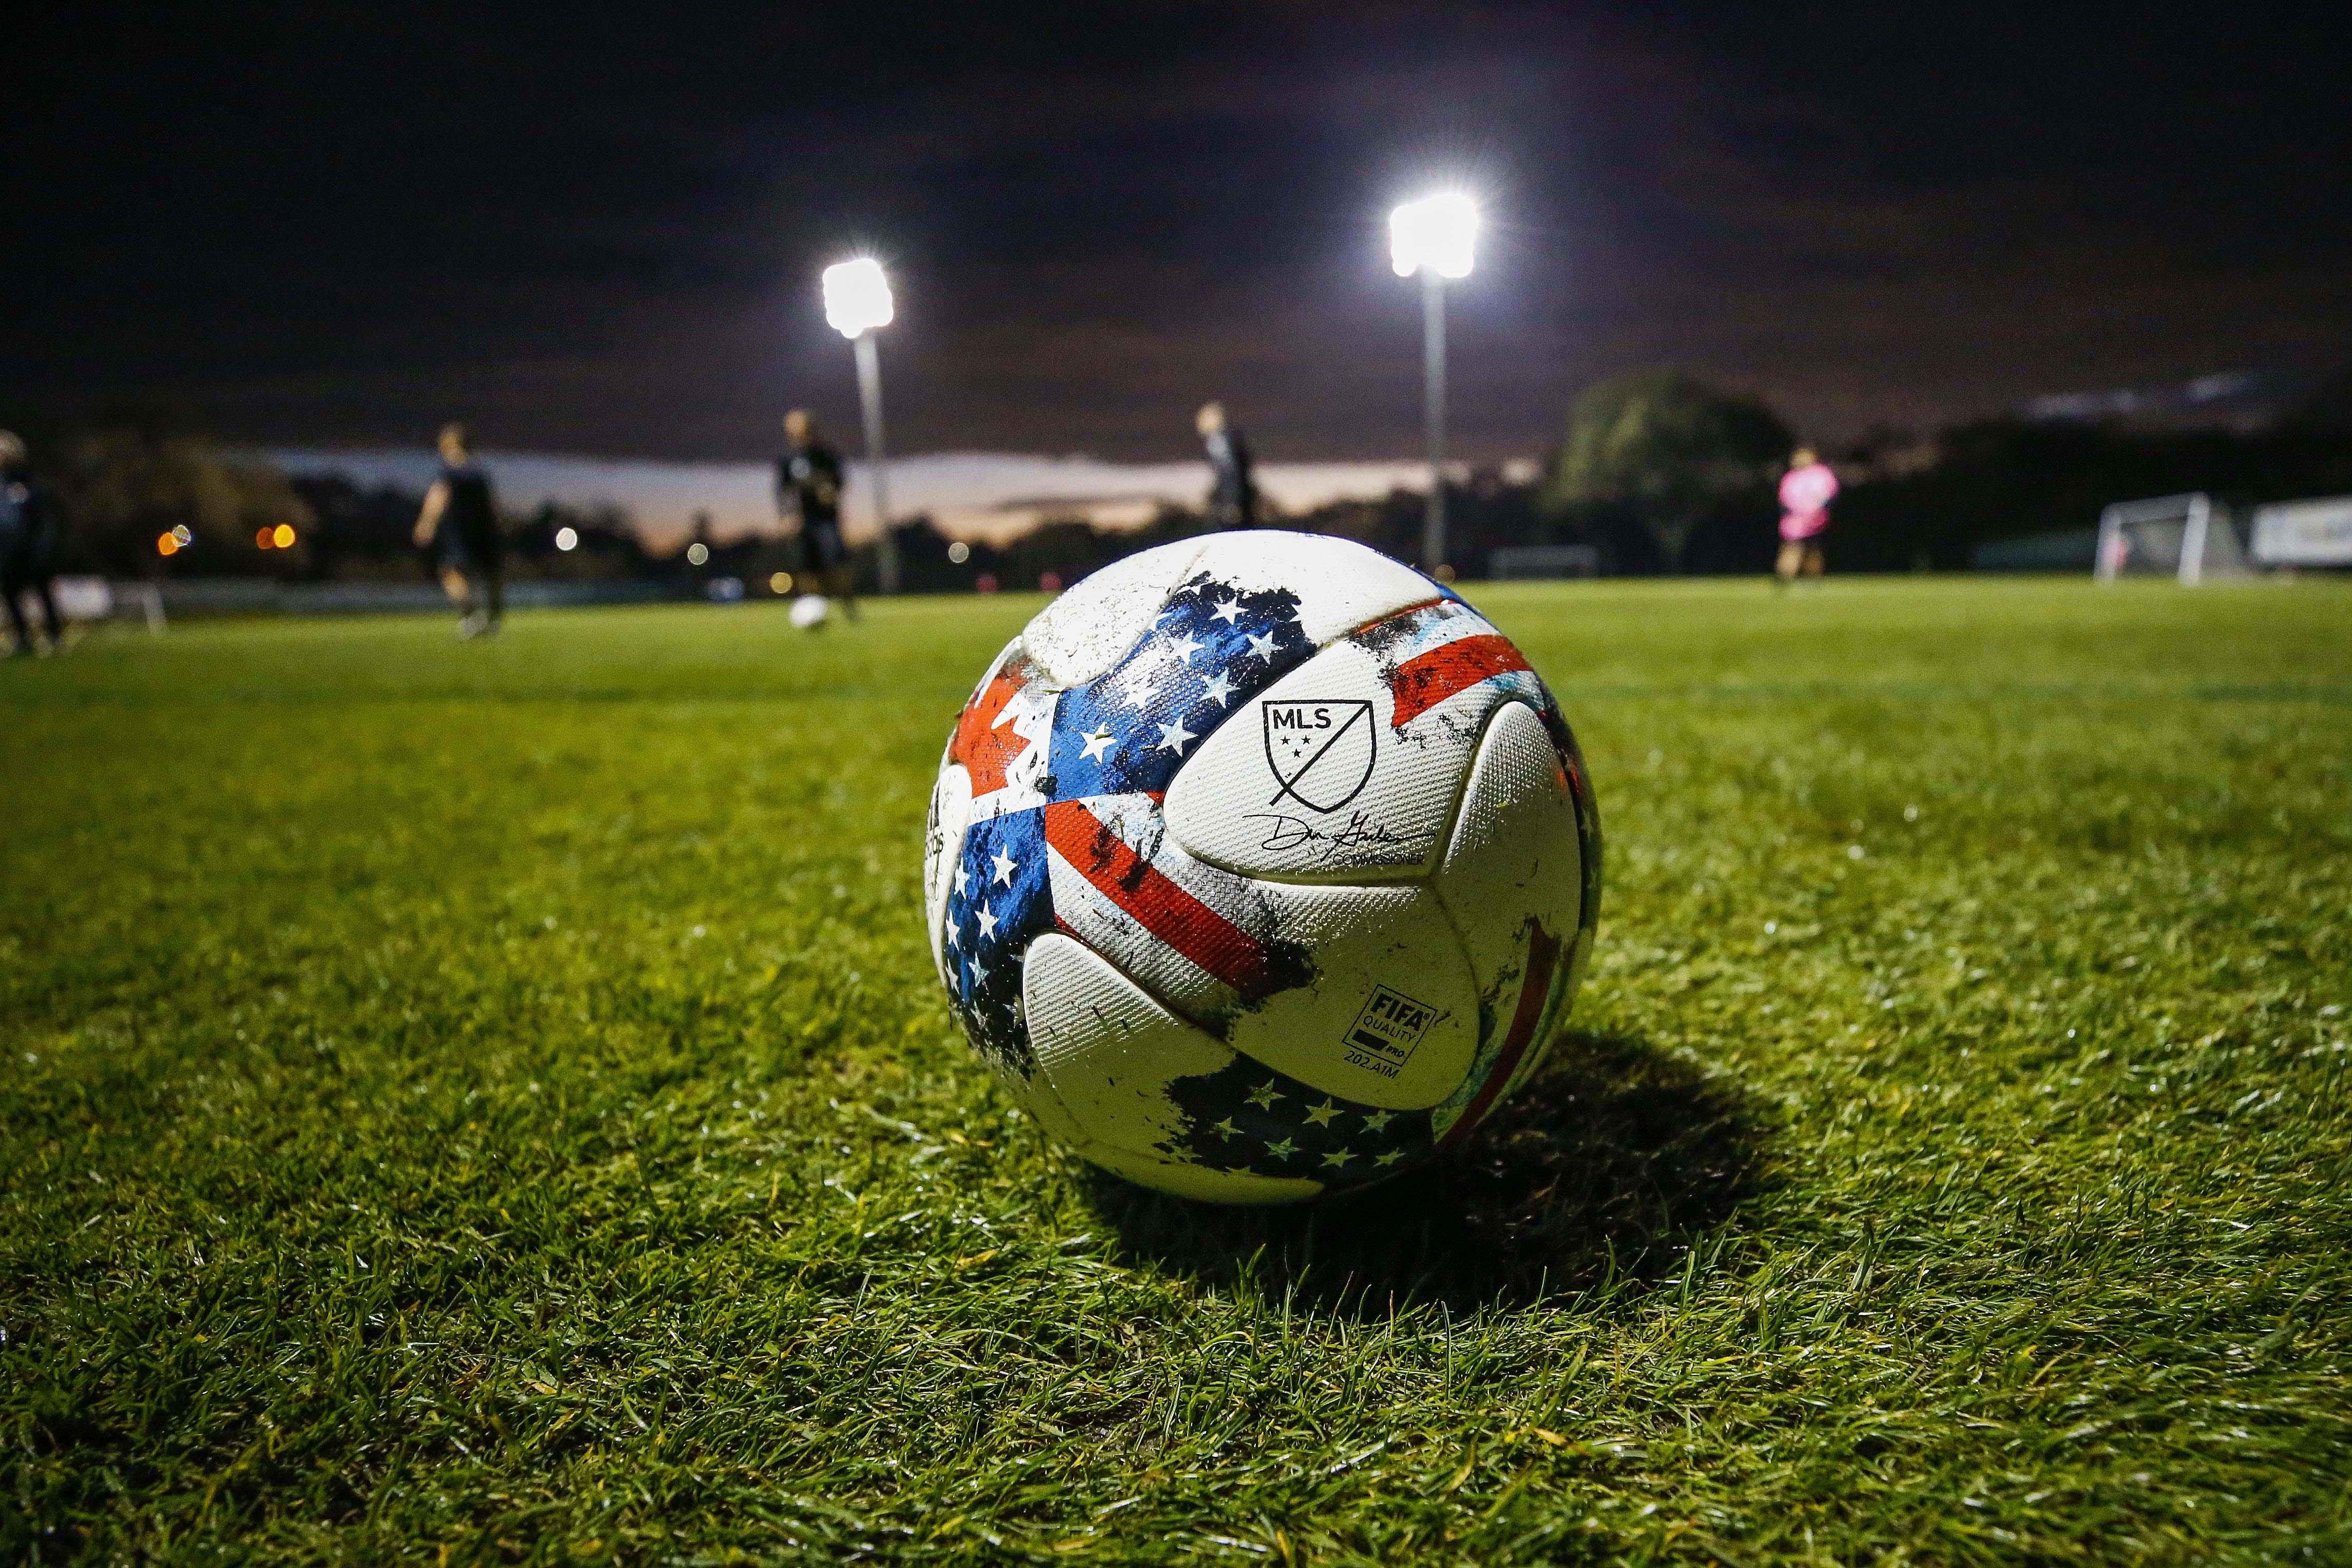 MLS: Philadelphia Union vs Montreal Impact